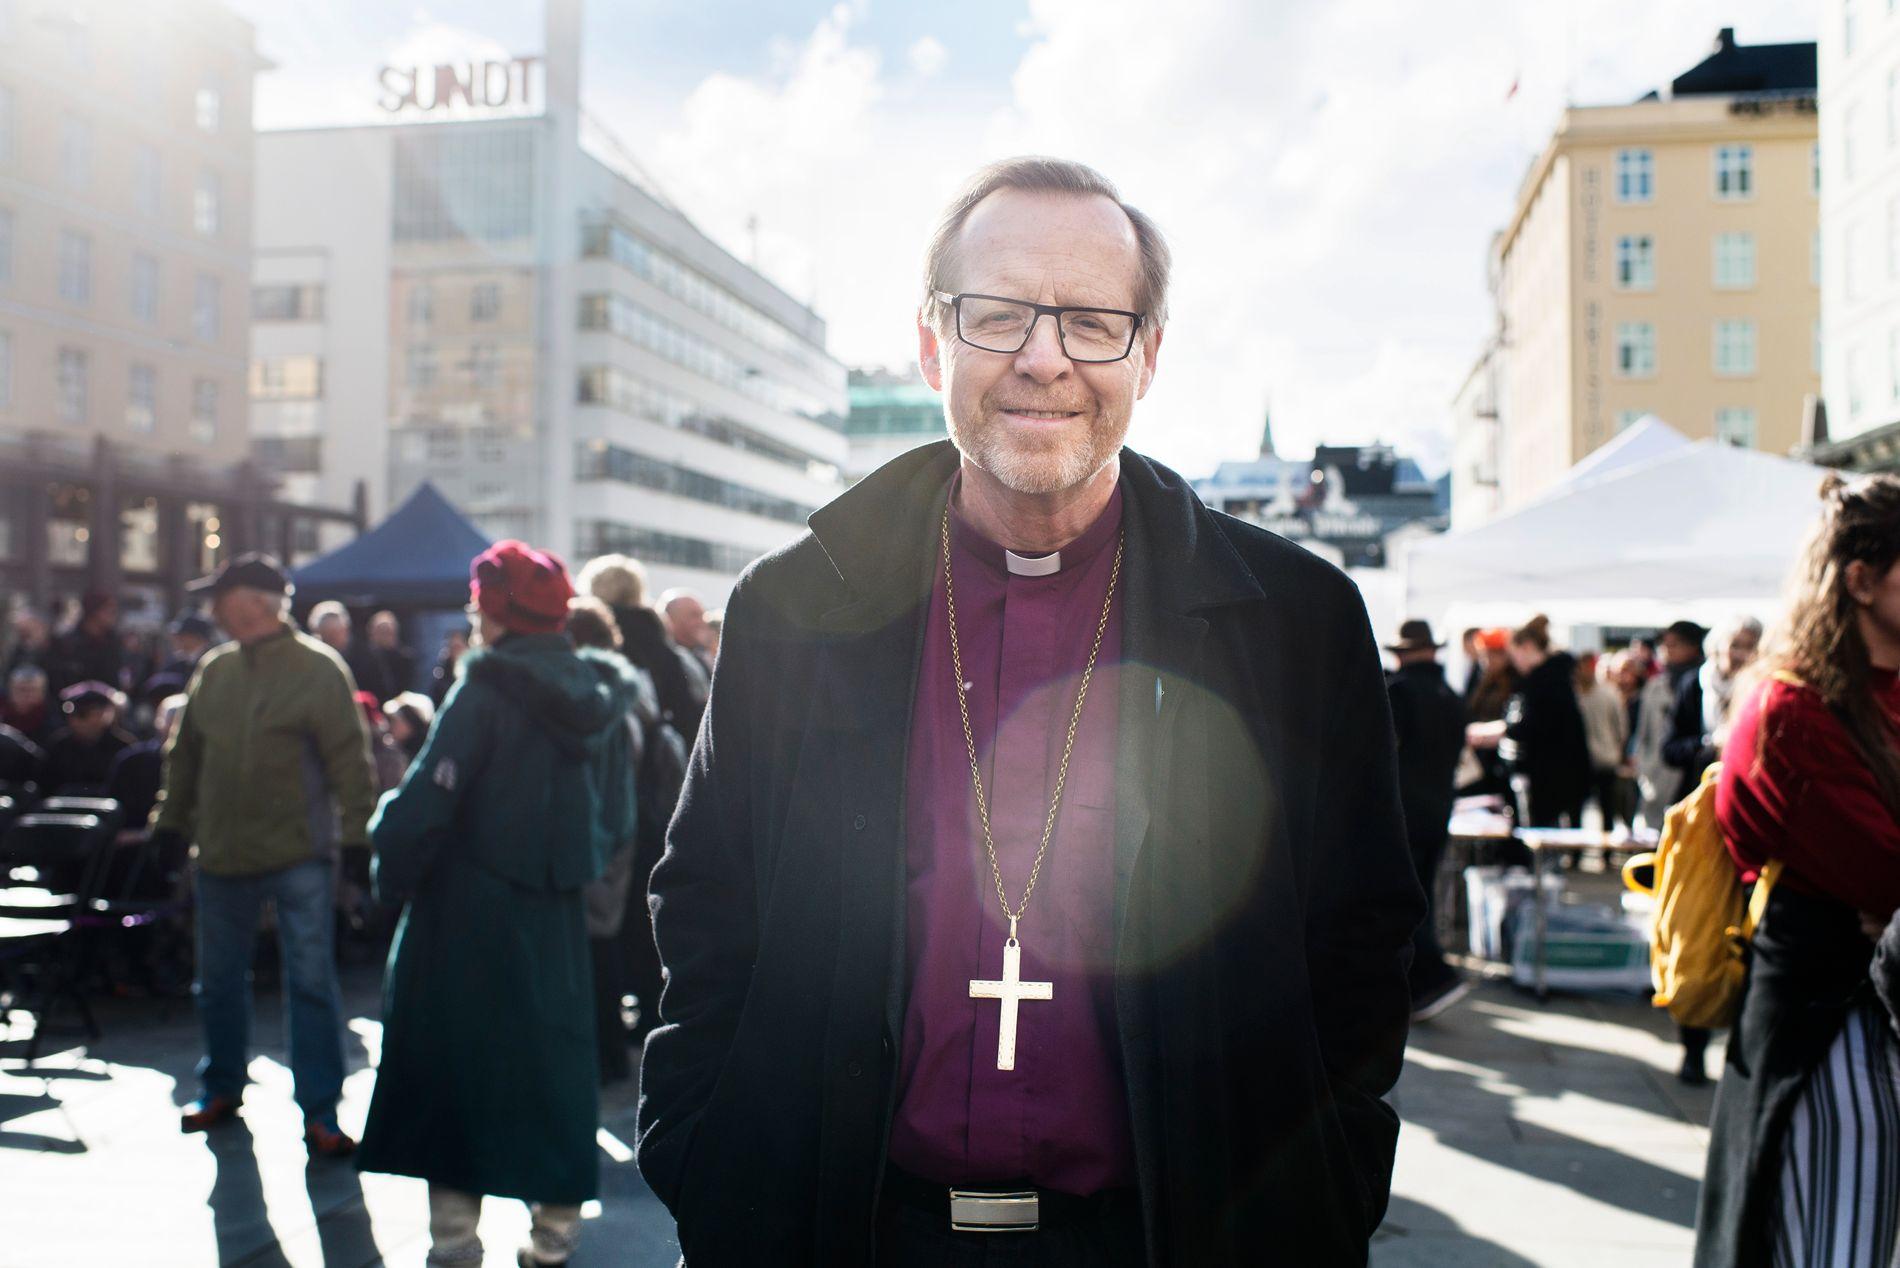 DEN STØRSTE: Påsken er høytiden fremfor noen i kirkeåret, skriver biskop Halvor Nordhaug.